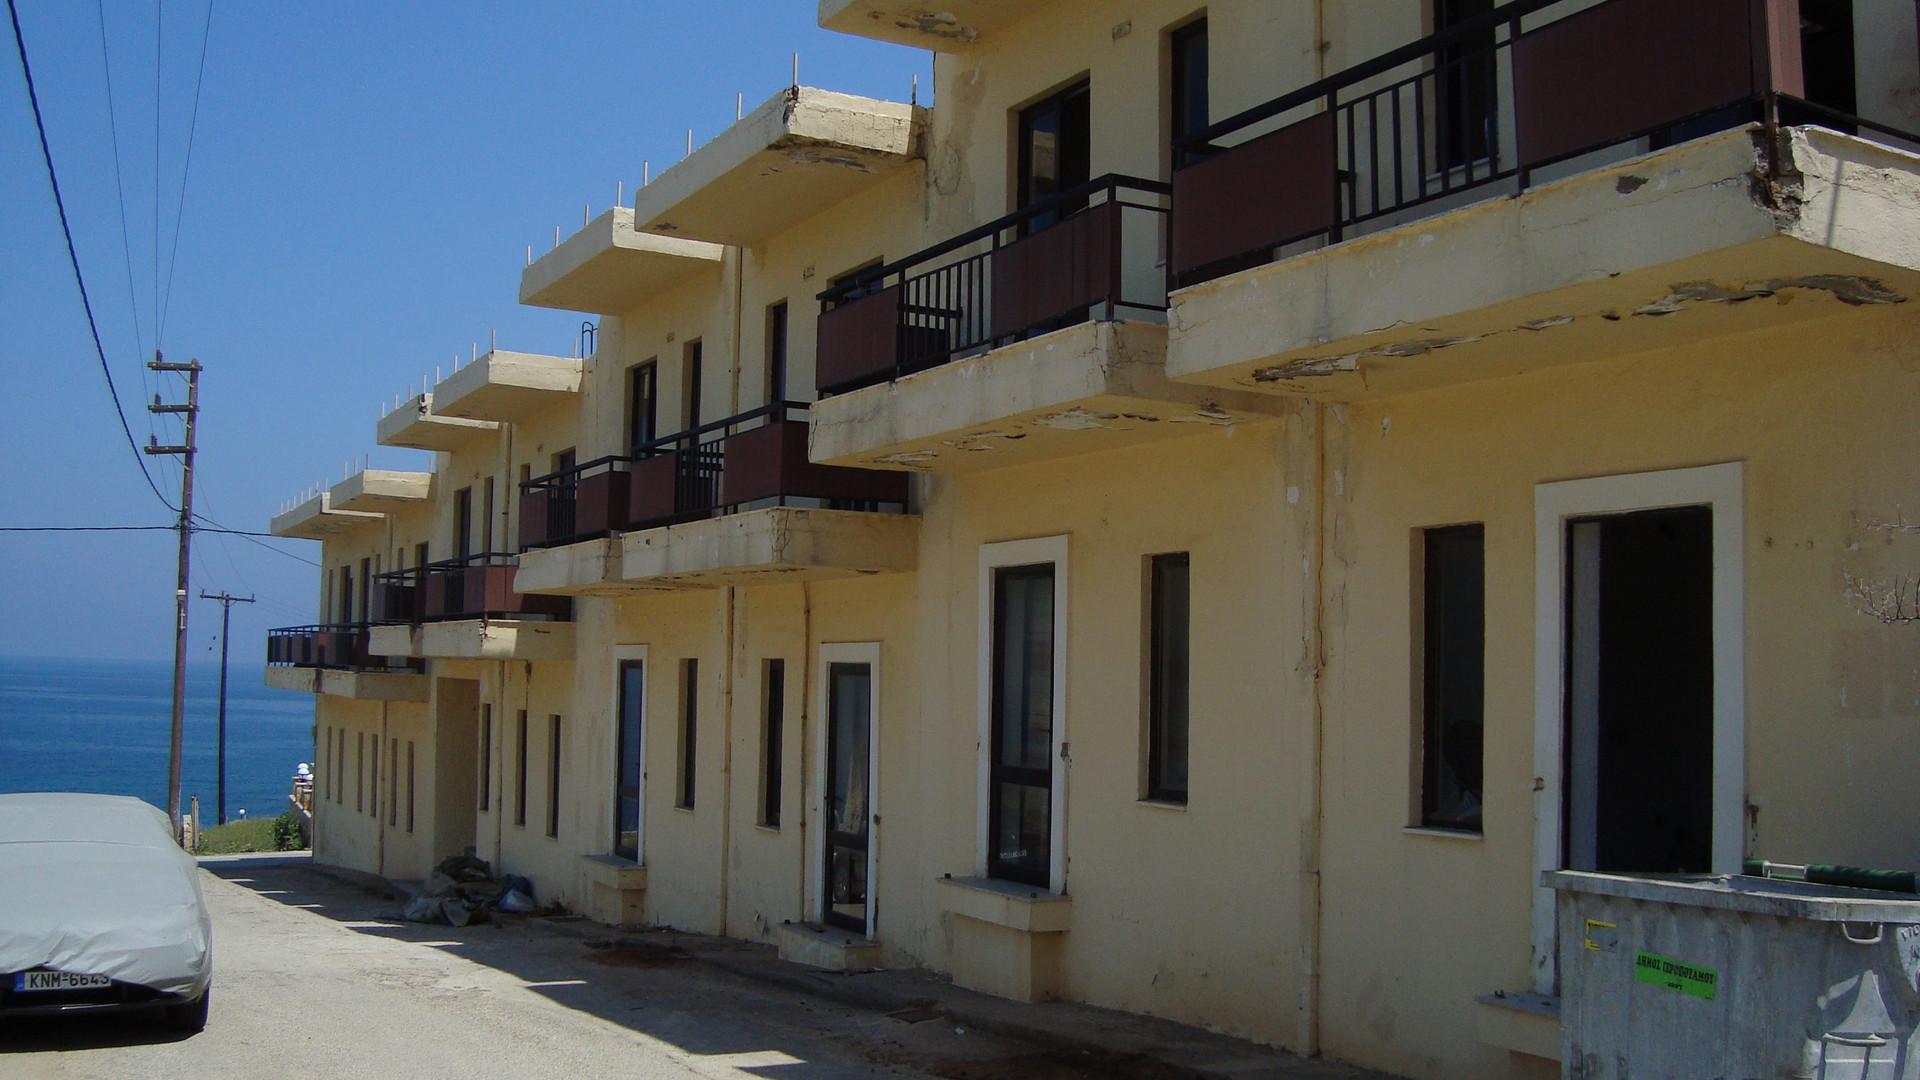 Πάνορμο Beach Hotel Ριζική Ανακατασκευή/Ανακαίνιση Ρέθυμνο Κρήτης